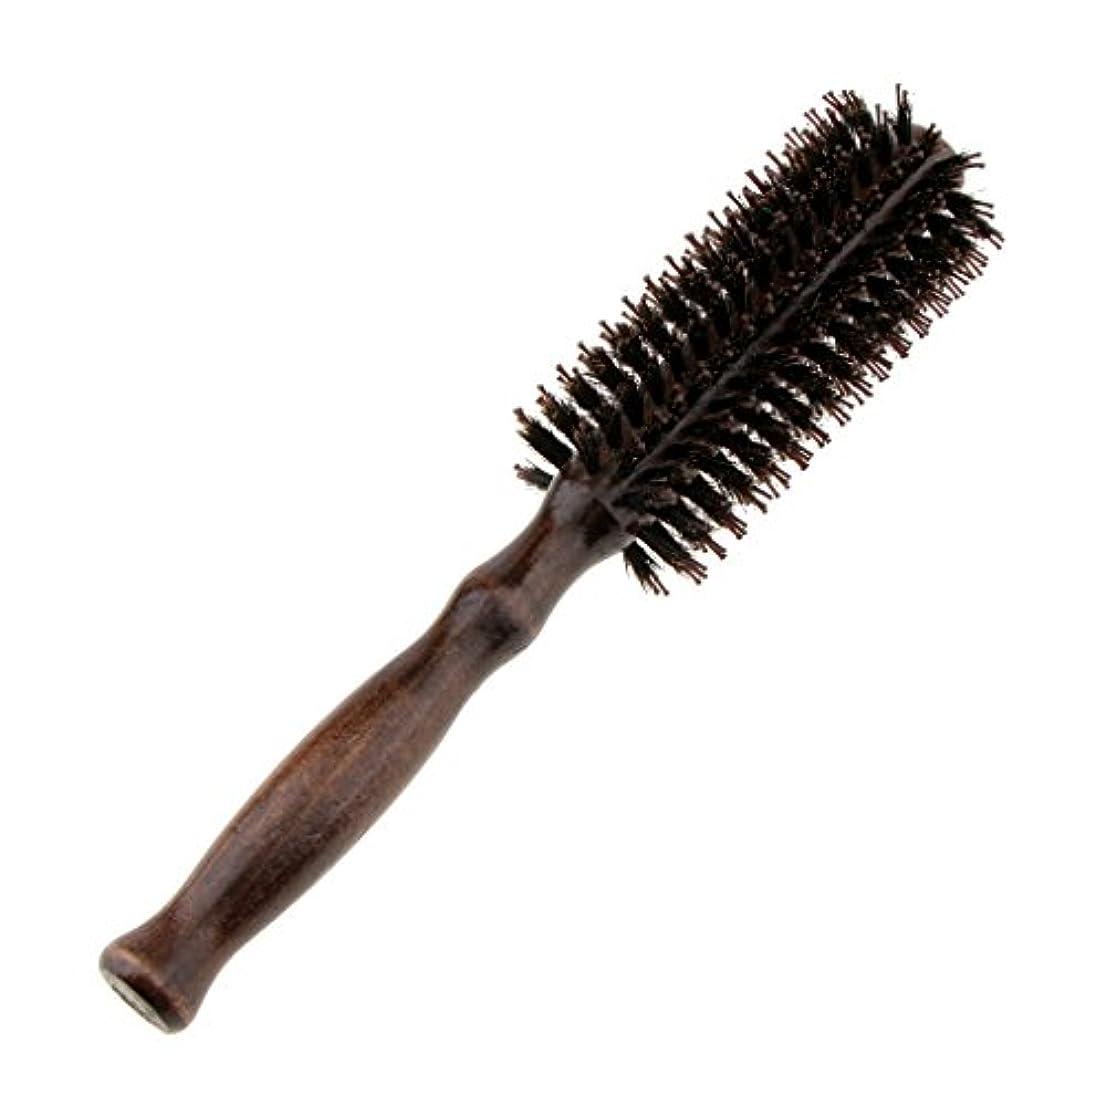 集中的なジャムアロングHomyl ロールブラシ ヘアブラシ ラウンド ウッド ハンドル 理髪 美容 カール 2タイプ選べる - #1